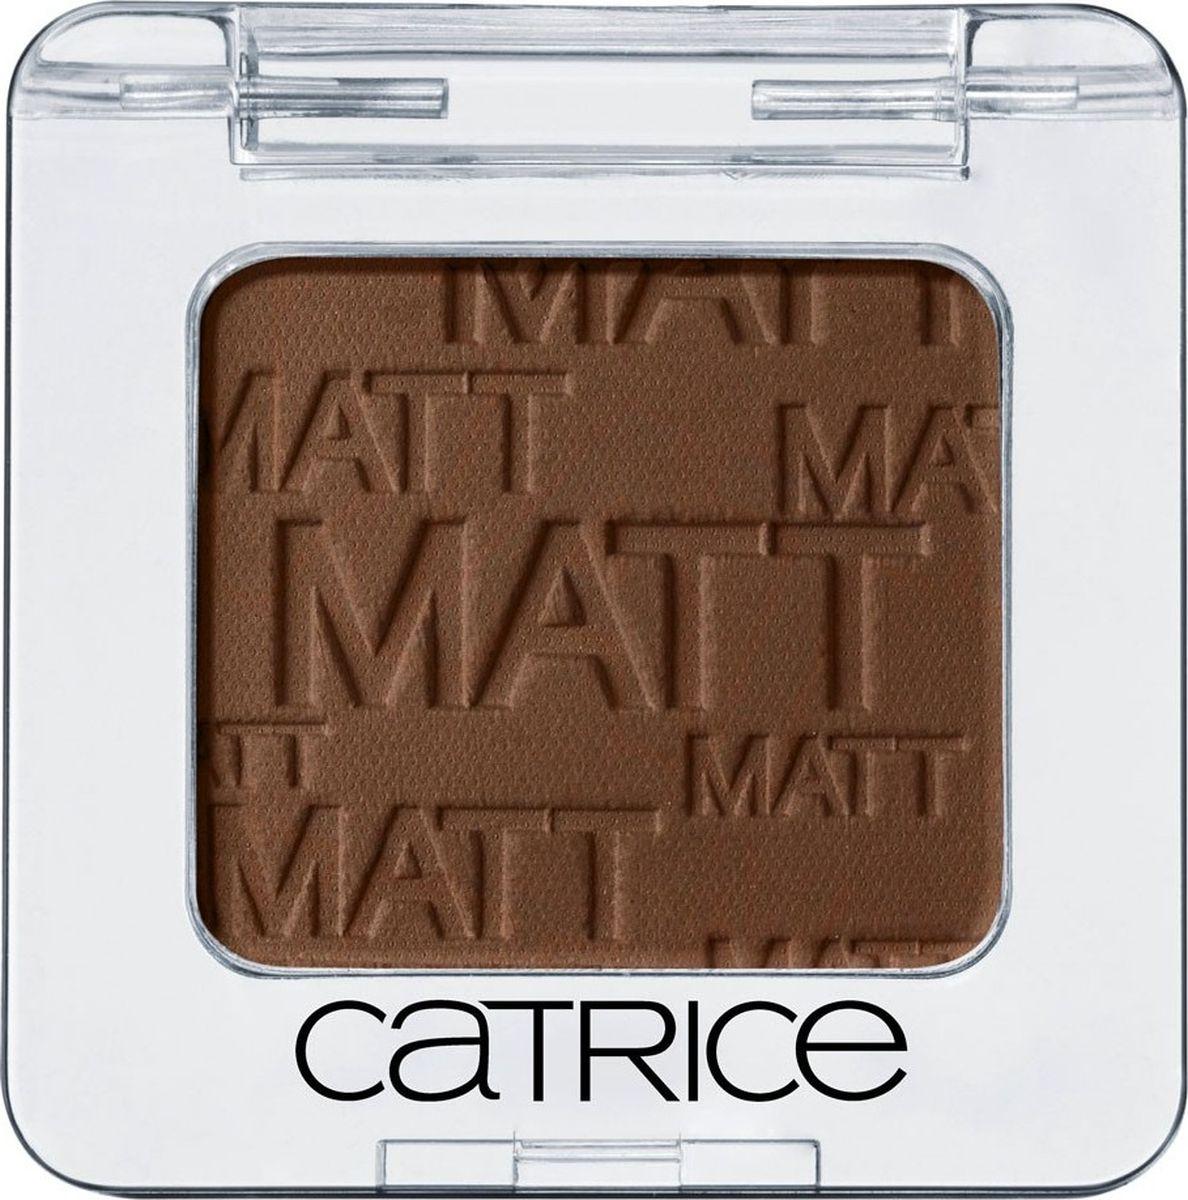 Catrice Тени для век одинарные Absolute Eye Colour 930 Hakuna MATTata коричневый матовый 2 гр54360Высокопигментированные пудровые тени, широкая цветовая гамма, стойкость, легкость в нанесении и разнообразие эффектов.